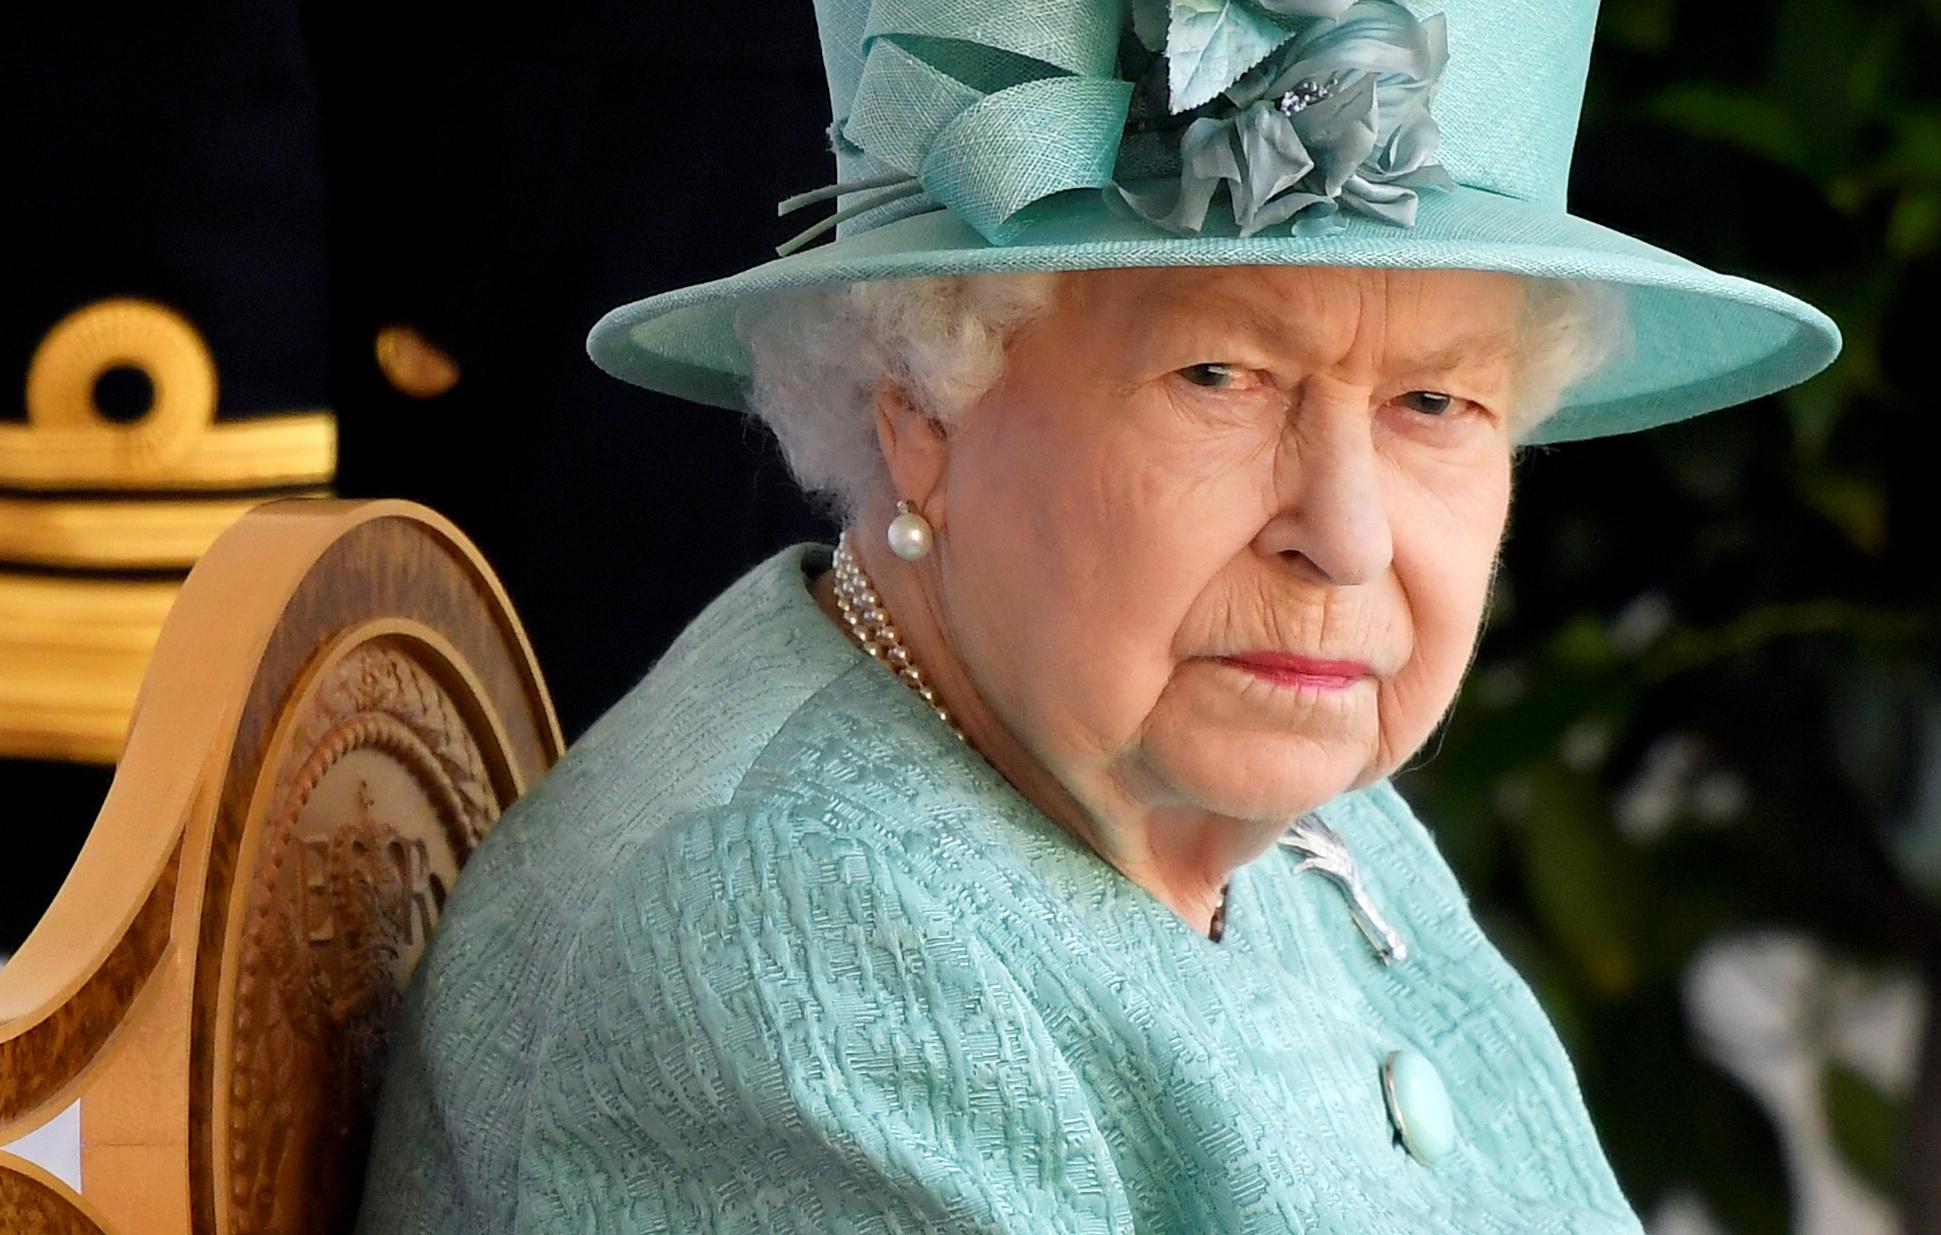 «Τα πήρε» η Ελισάβετ – Κανείς δεν θα φορέσει στολή στην κηδεία μετά τα τερτίπια του Πρίγκιπα Άντριου